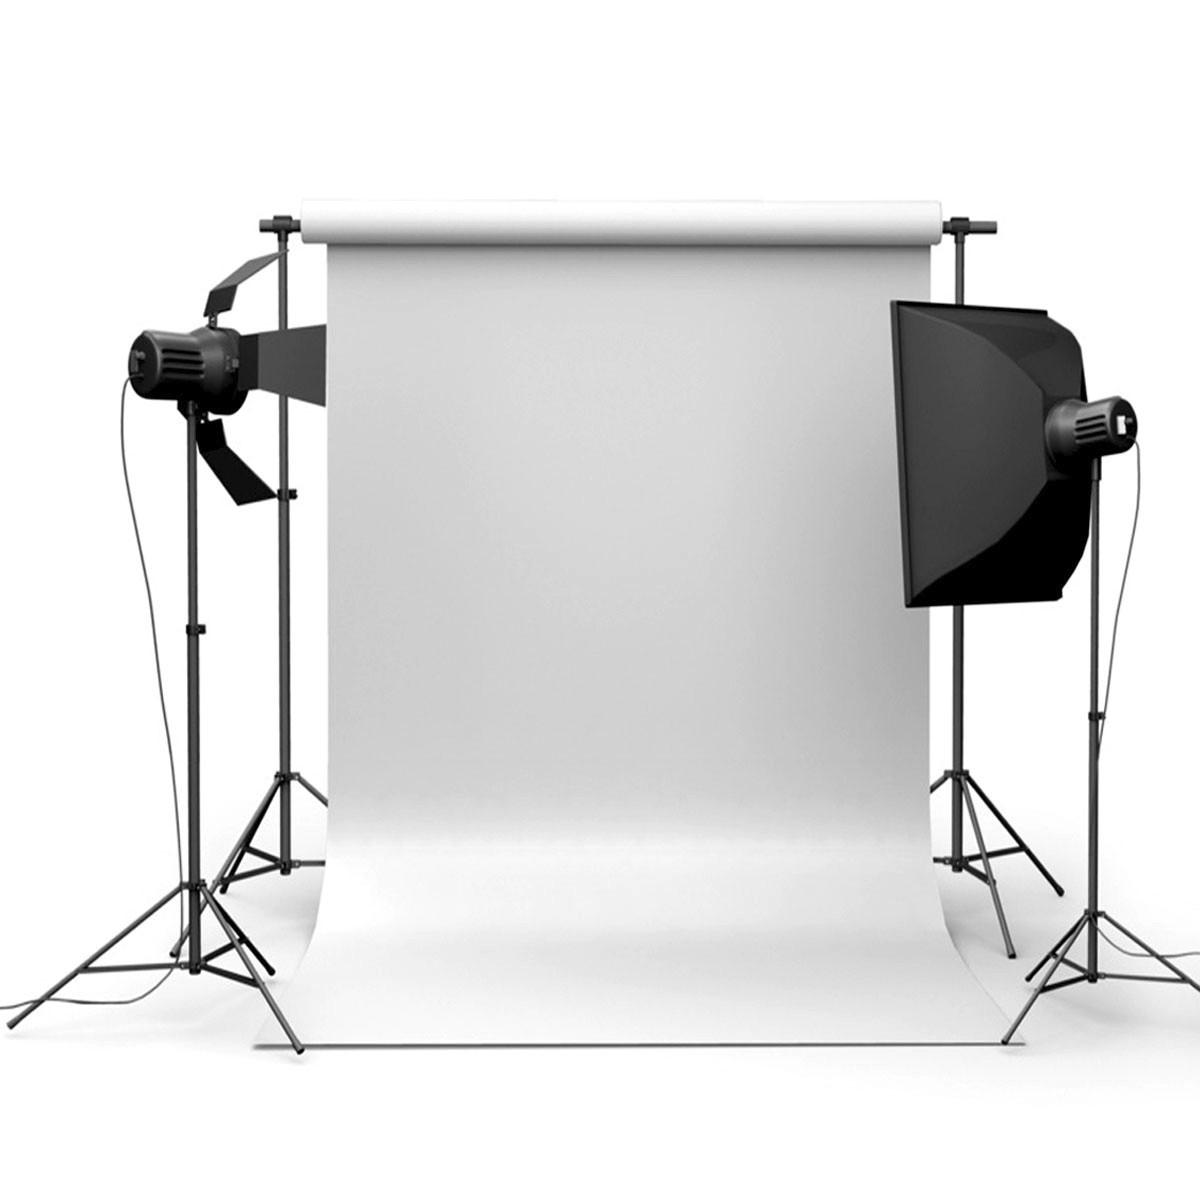 Háttér fotózáshoz.Fehér színű stúdió háttér 90x150cm